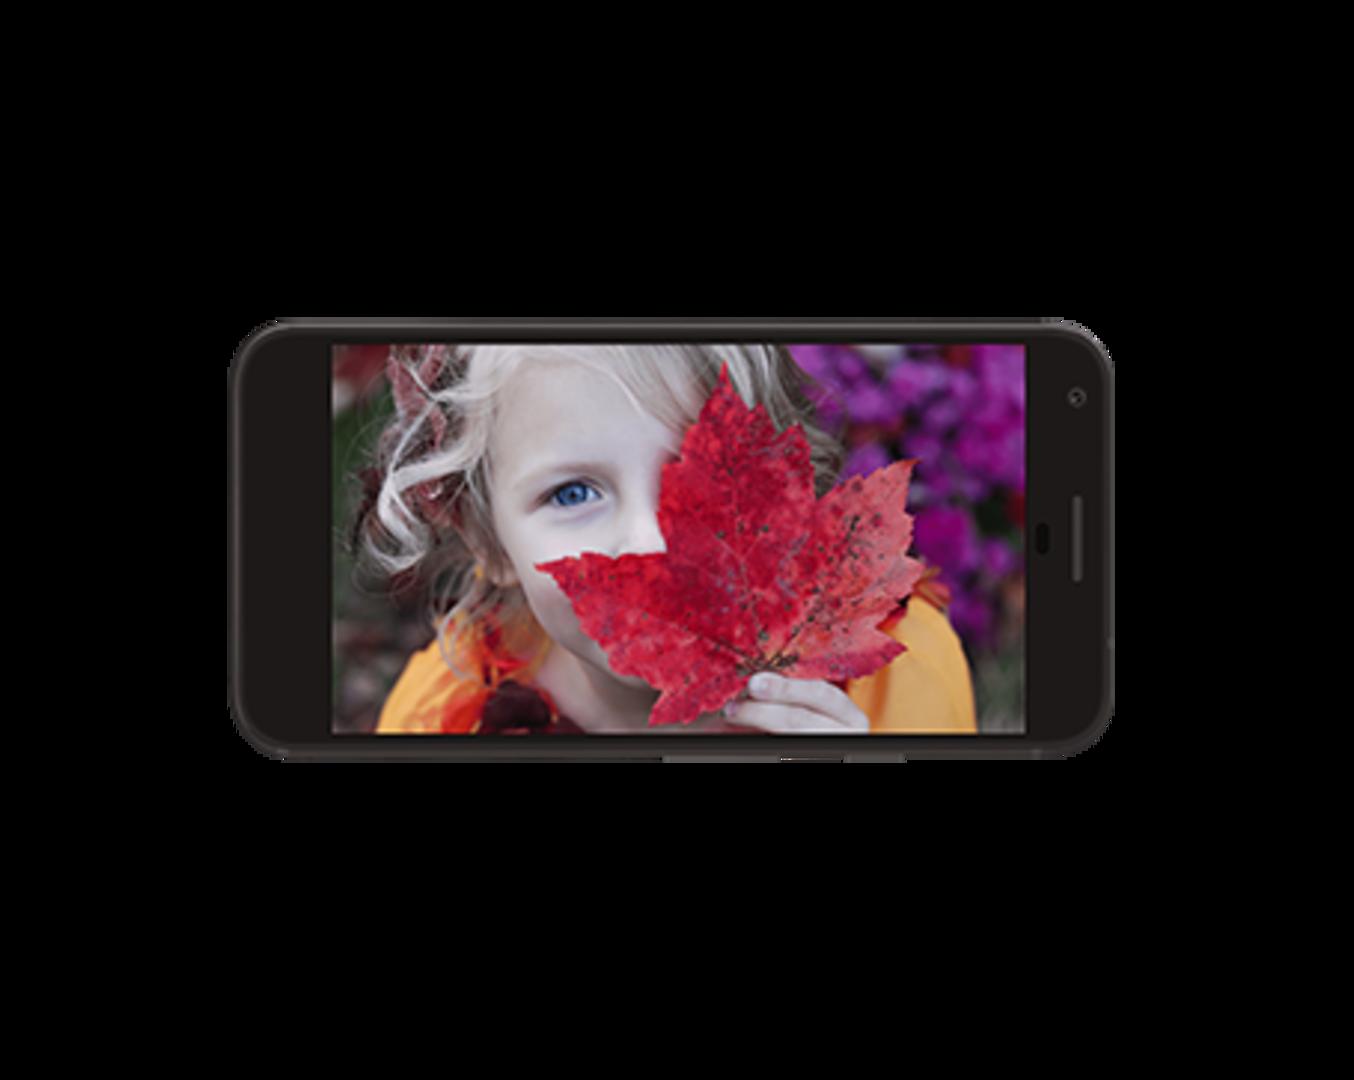 Hopen phone1 fynthz